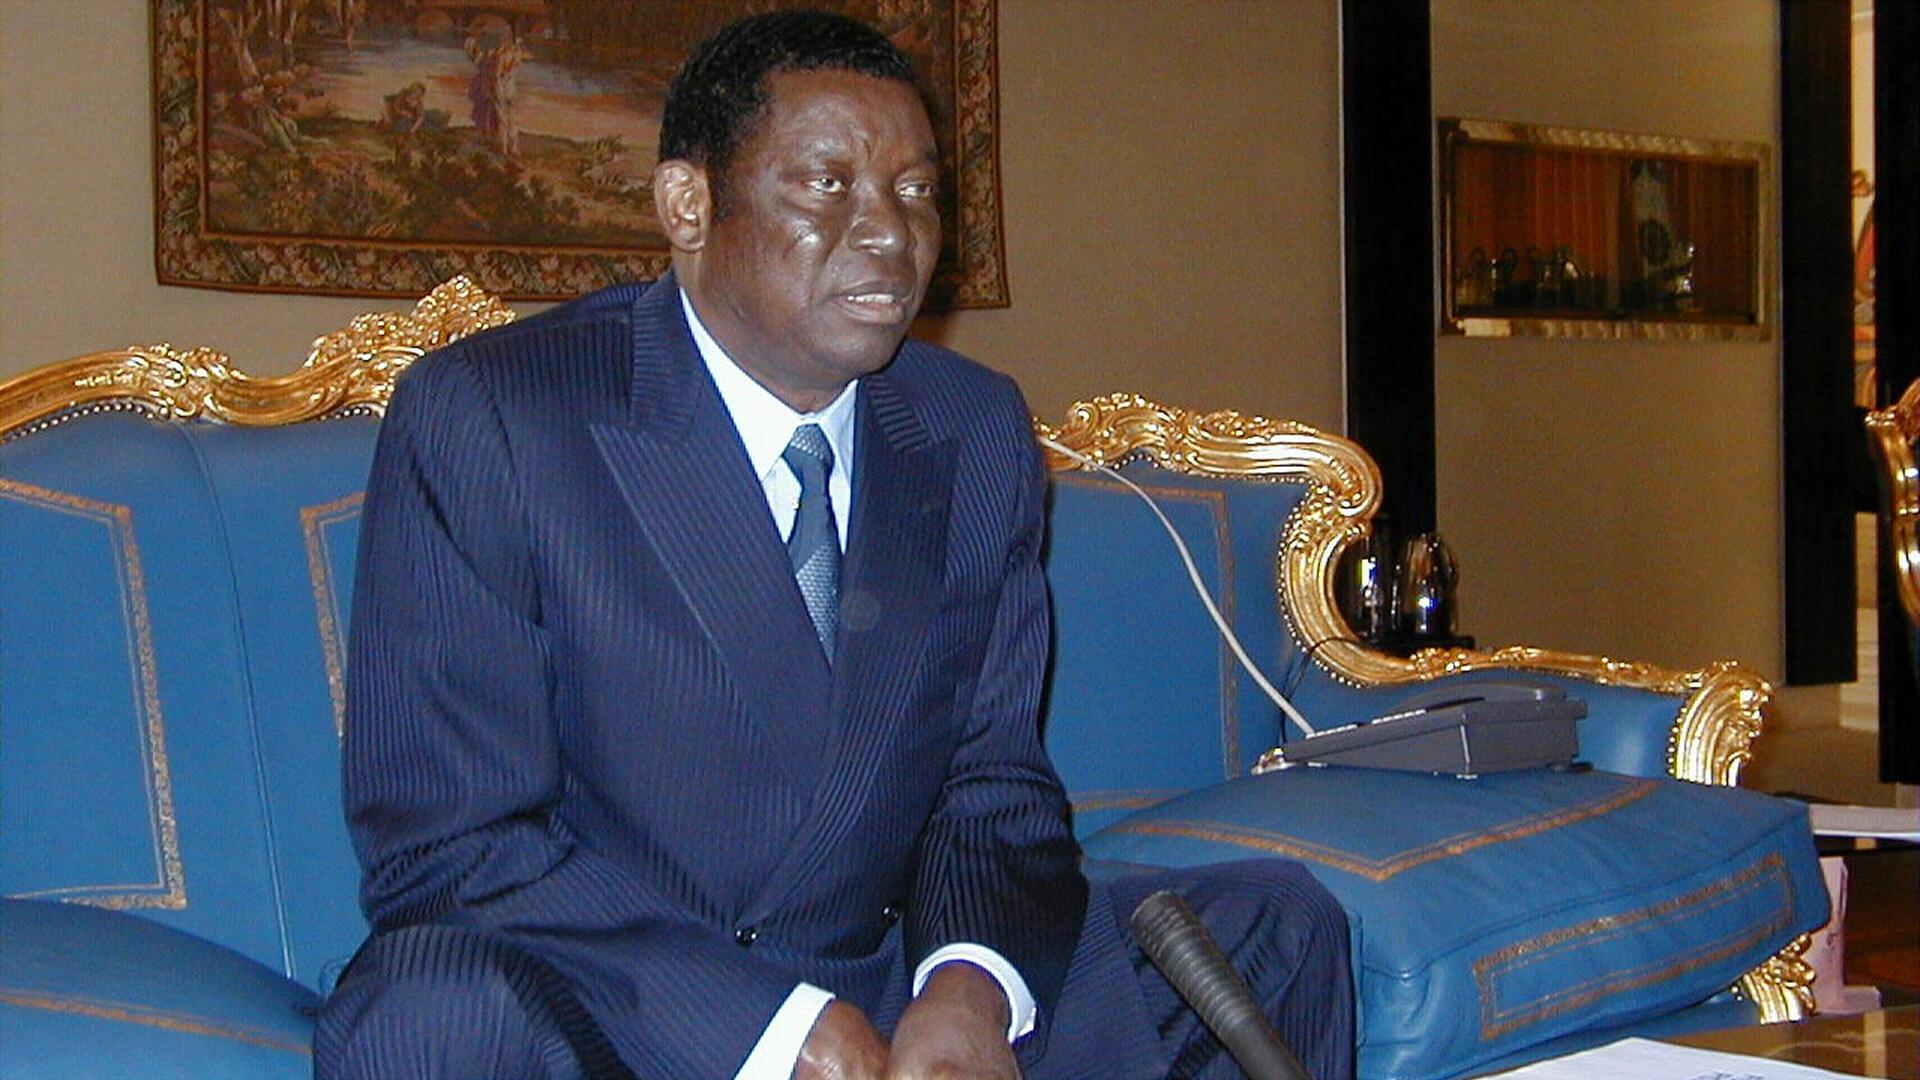 Le président togolais Gnassingbé Eyadéma face aux journalistes, le 19 juillet 1999.